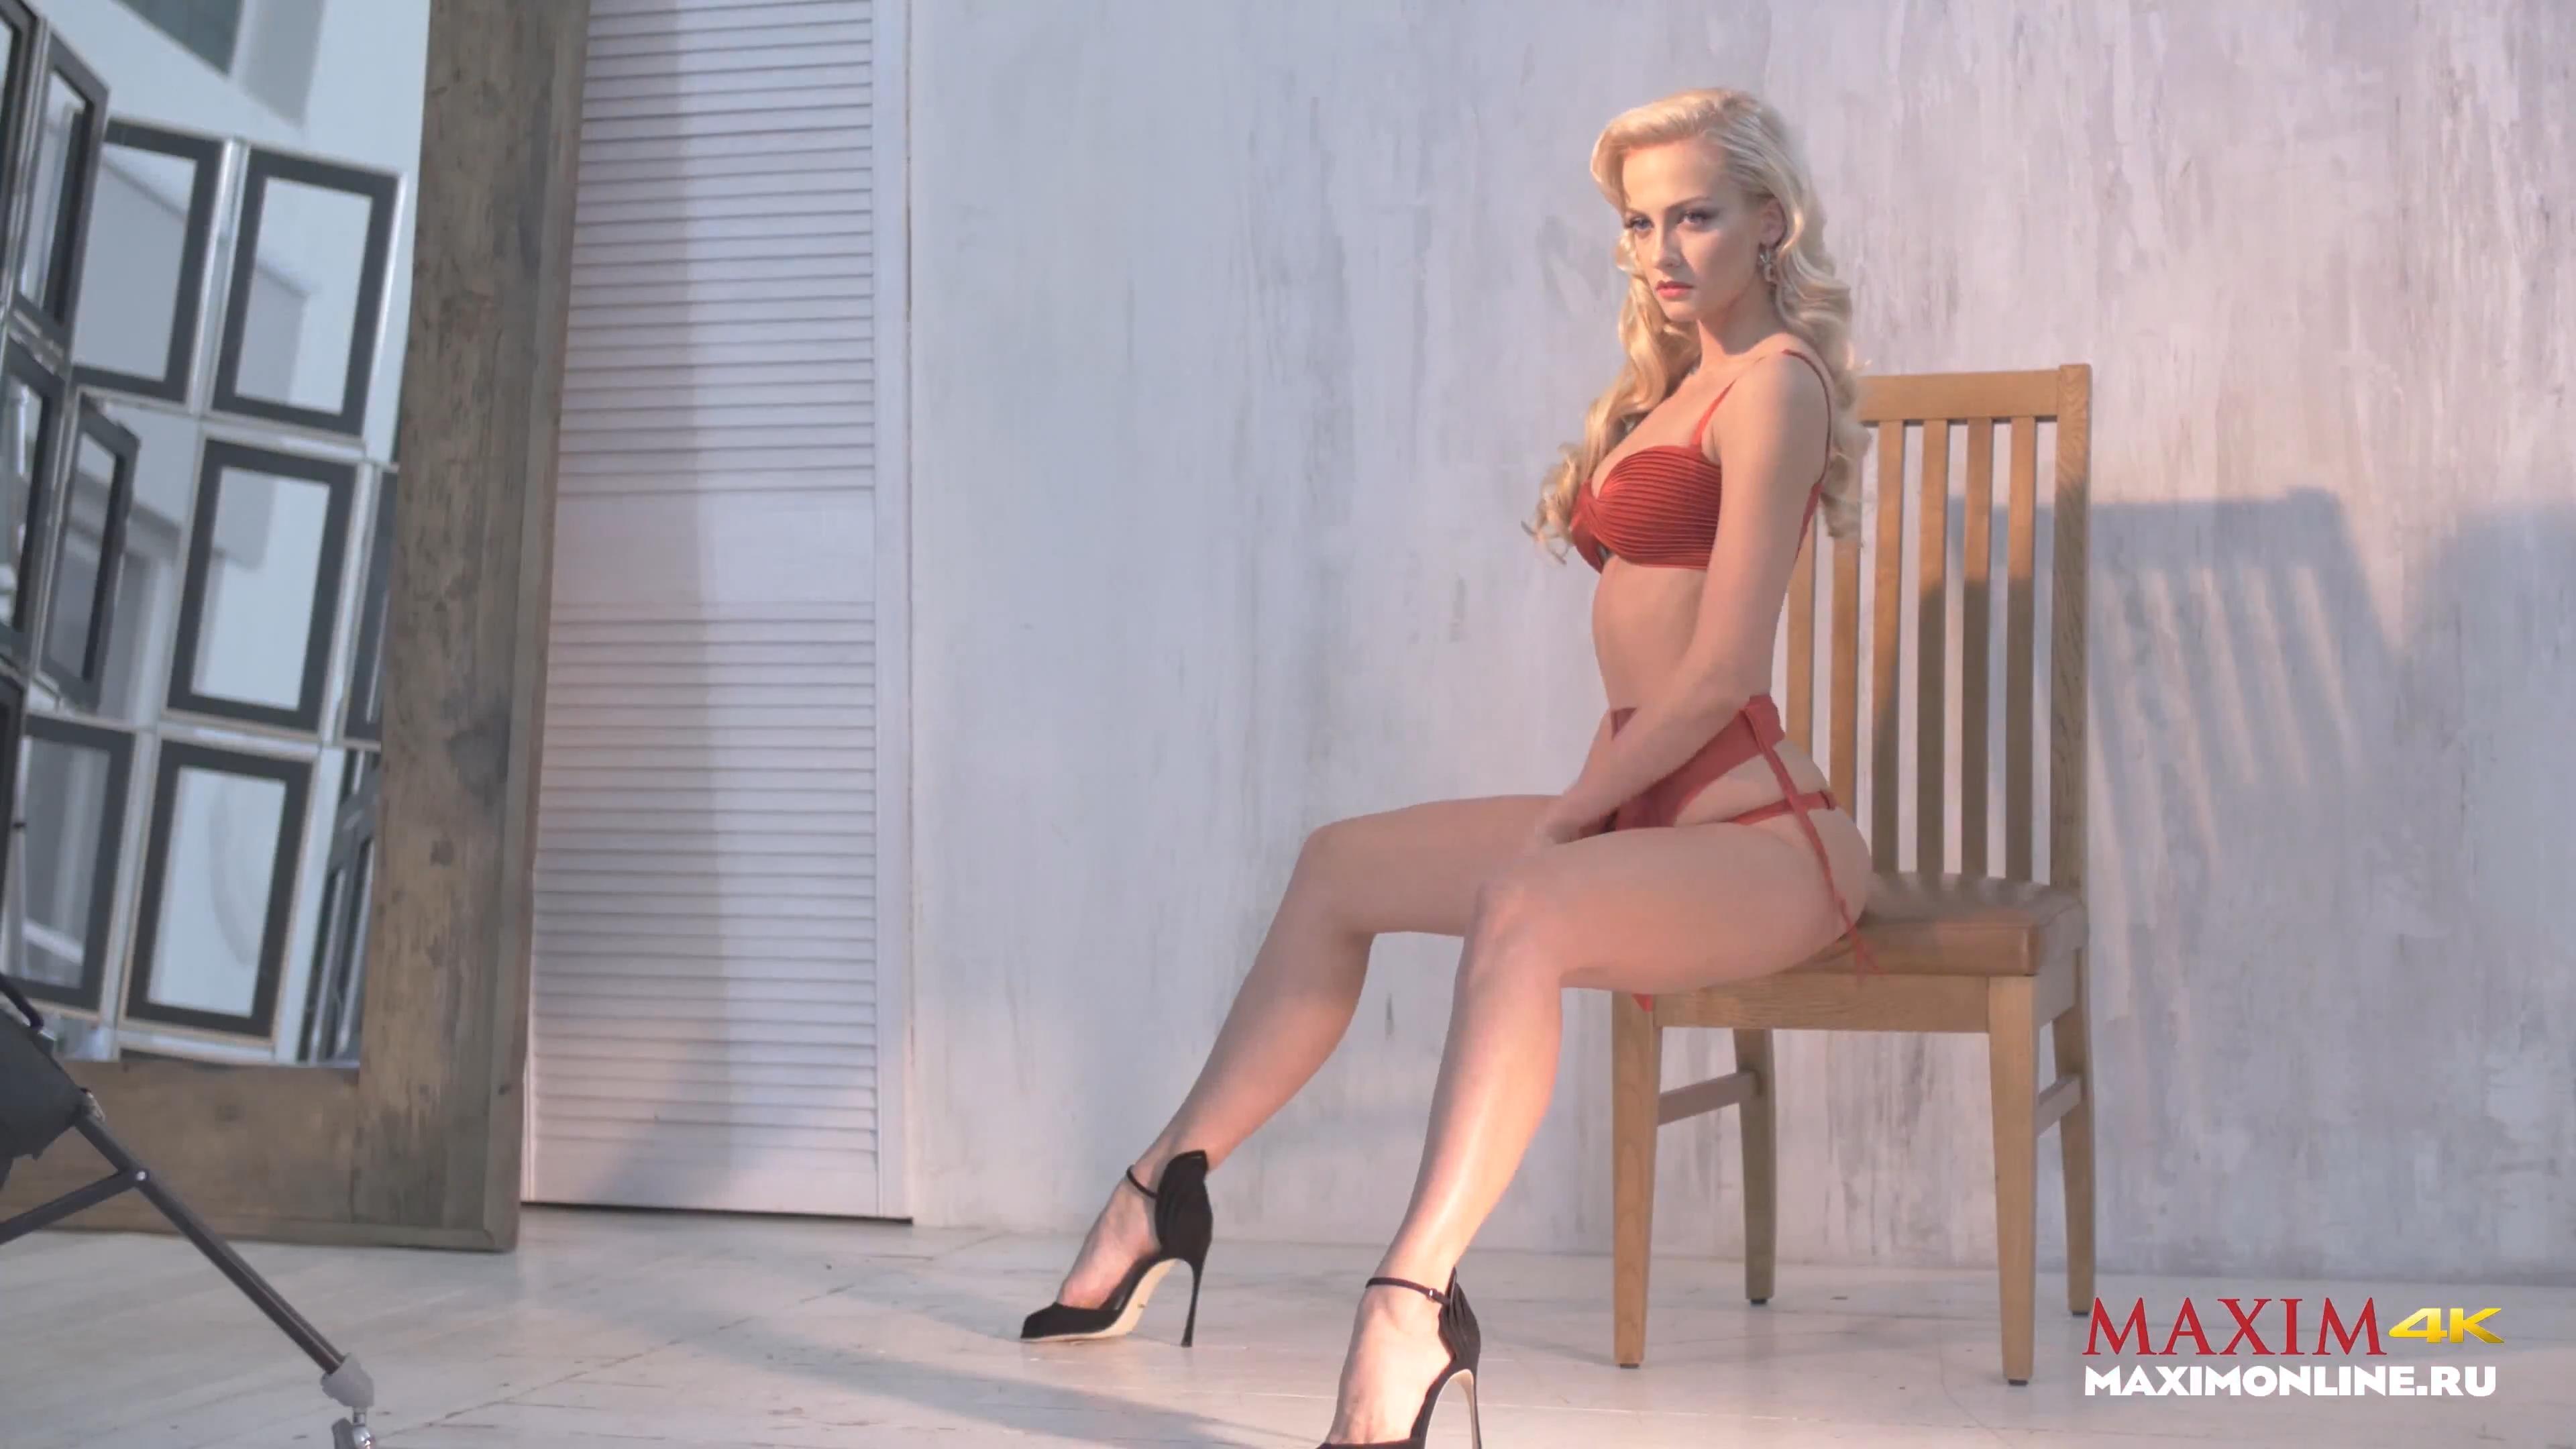 Секс полины максимовой видео ваша